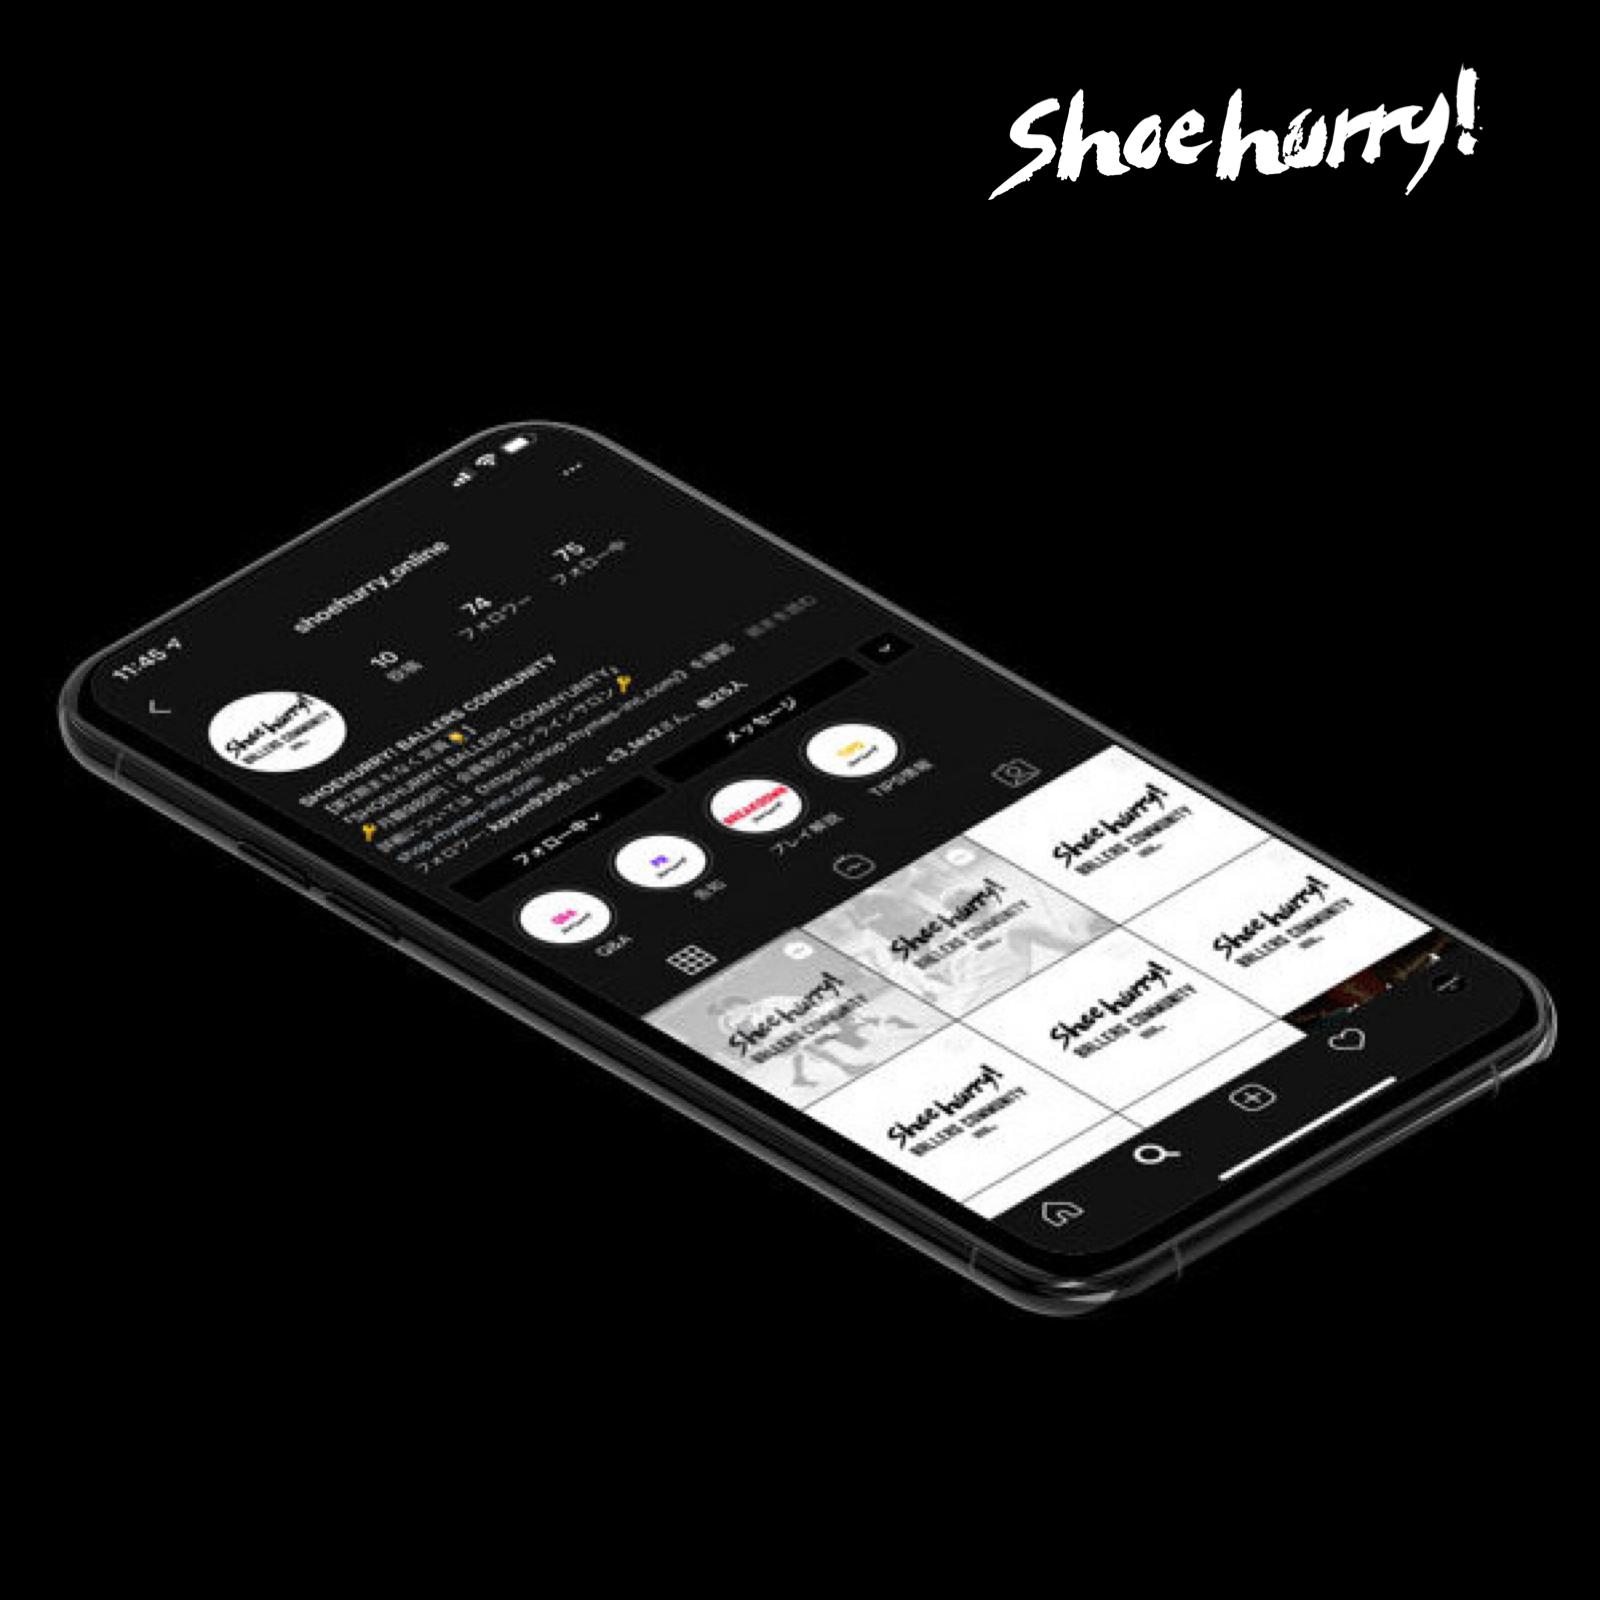 第4期募集 100名【月額費プラン980円 オンラインセッション】SHOEHURRY! BALLERS COMMUNITY